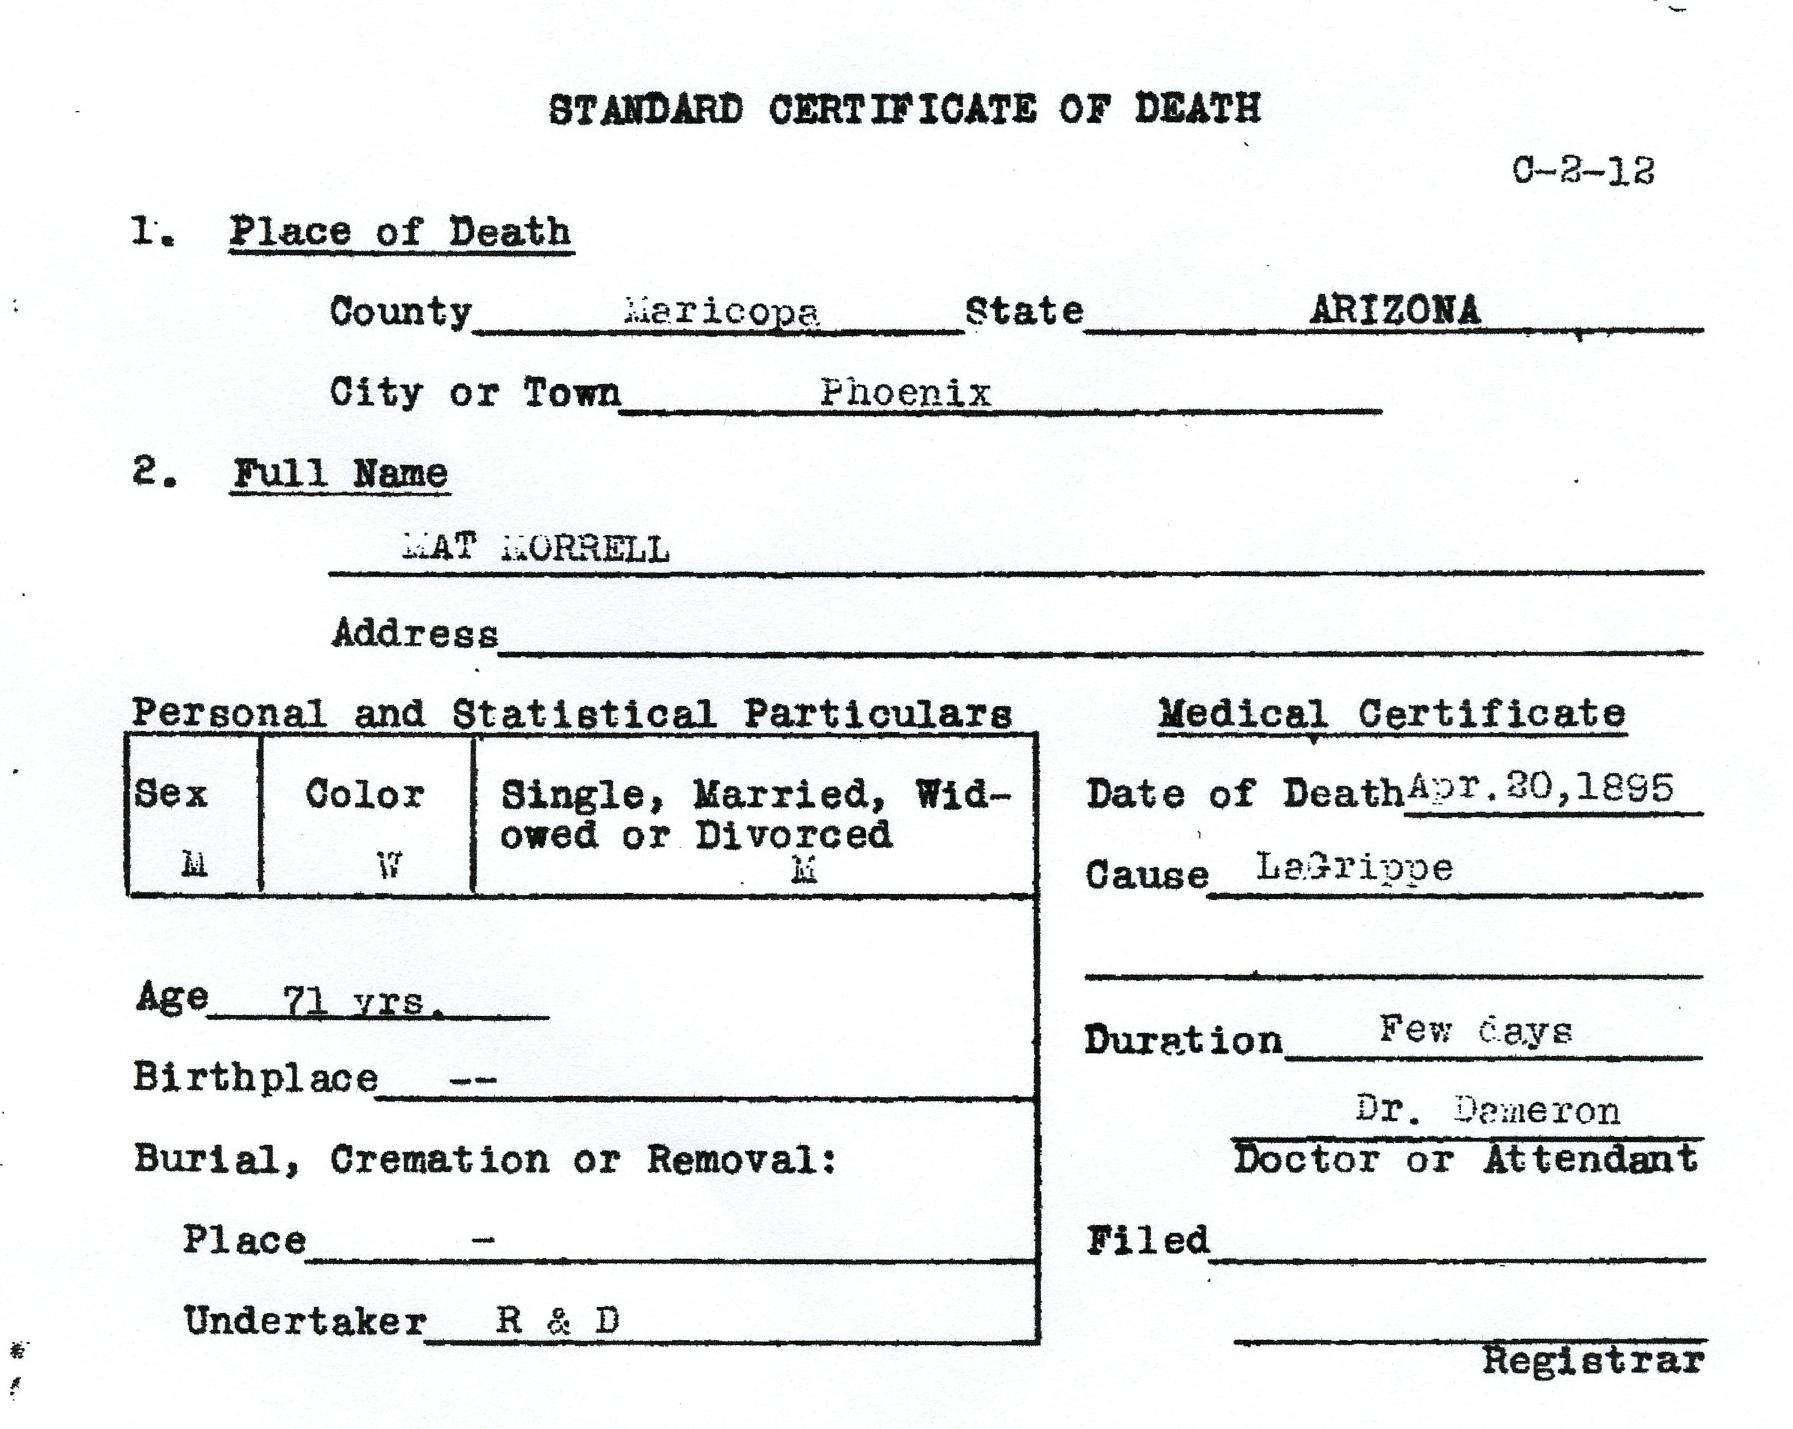 Matt Morrell Death Certificate